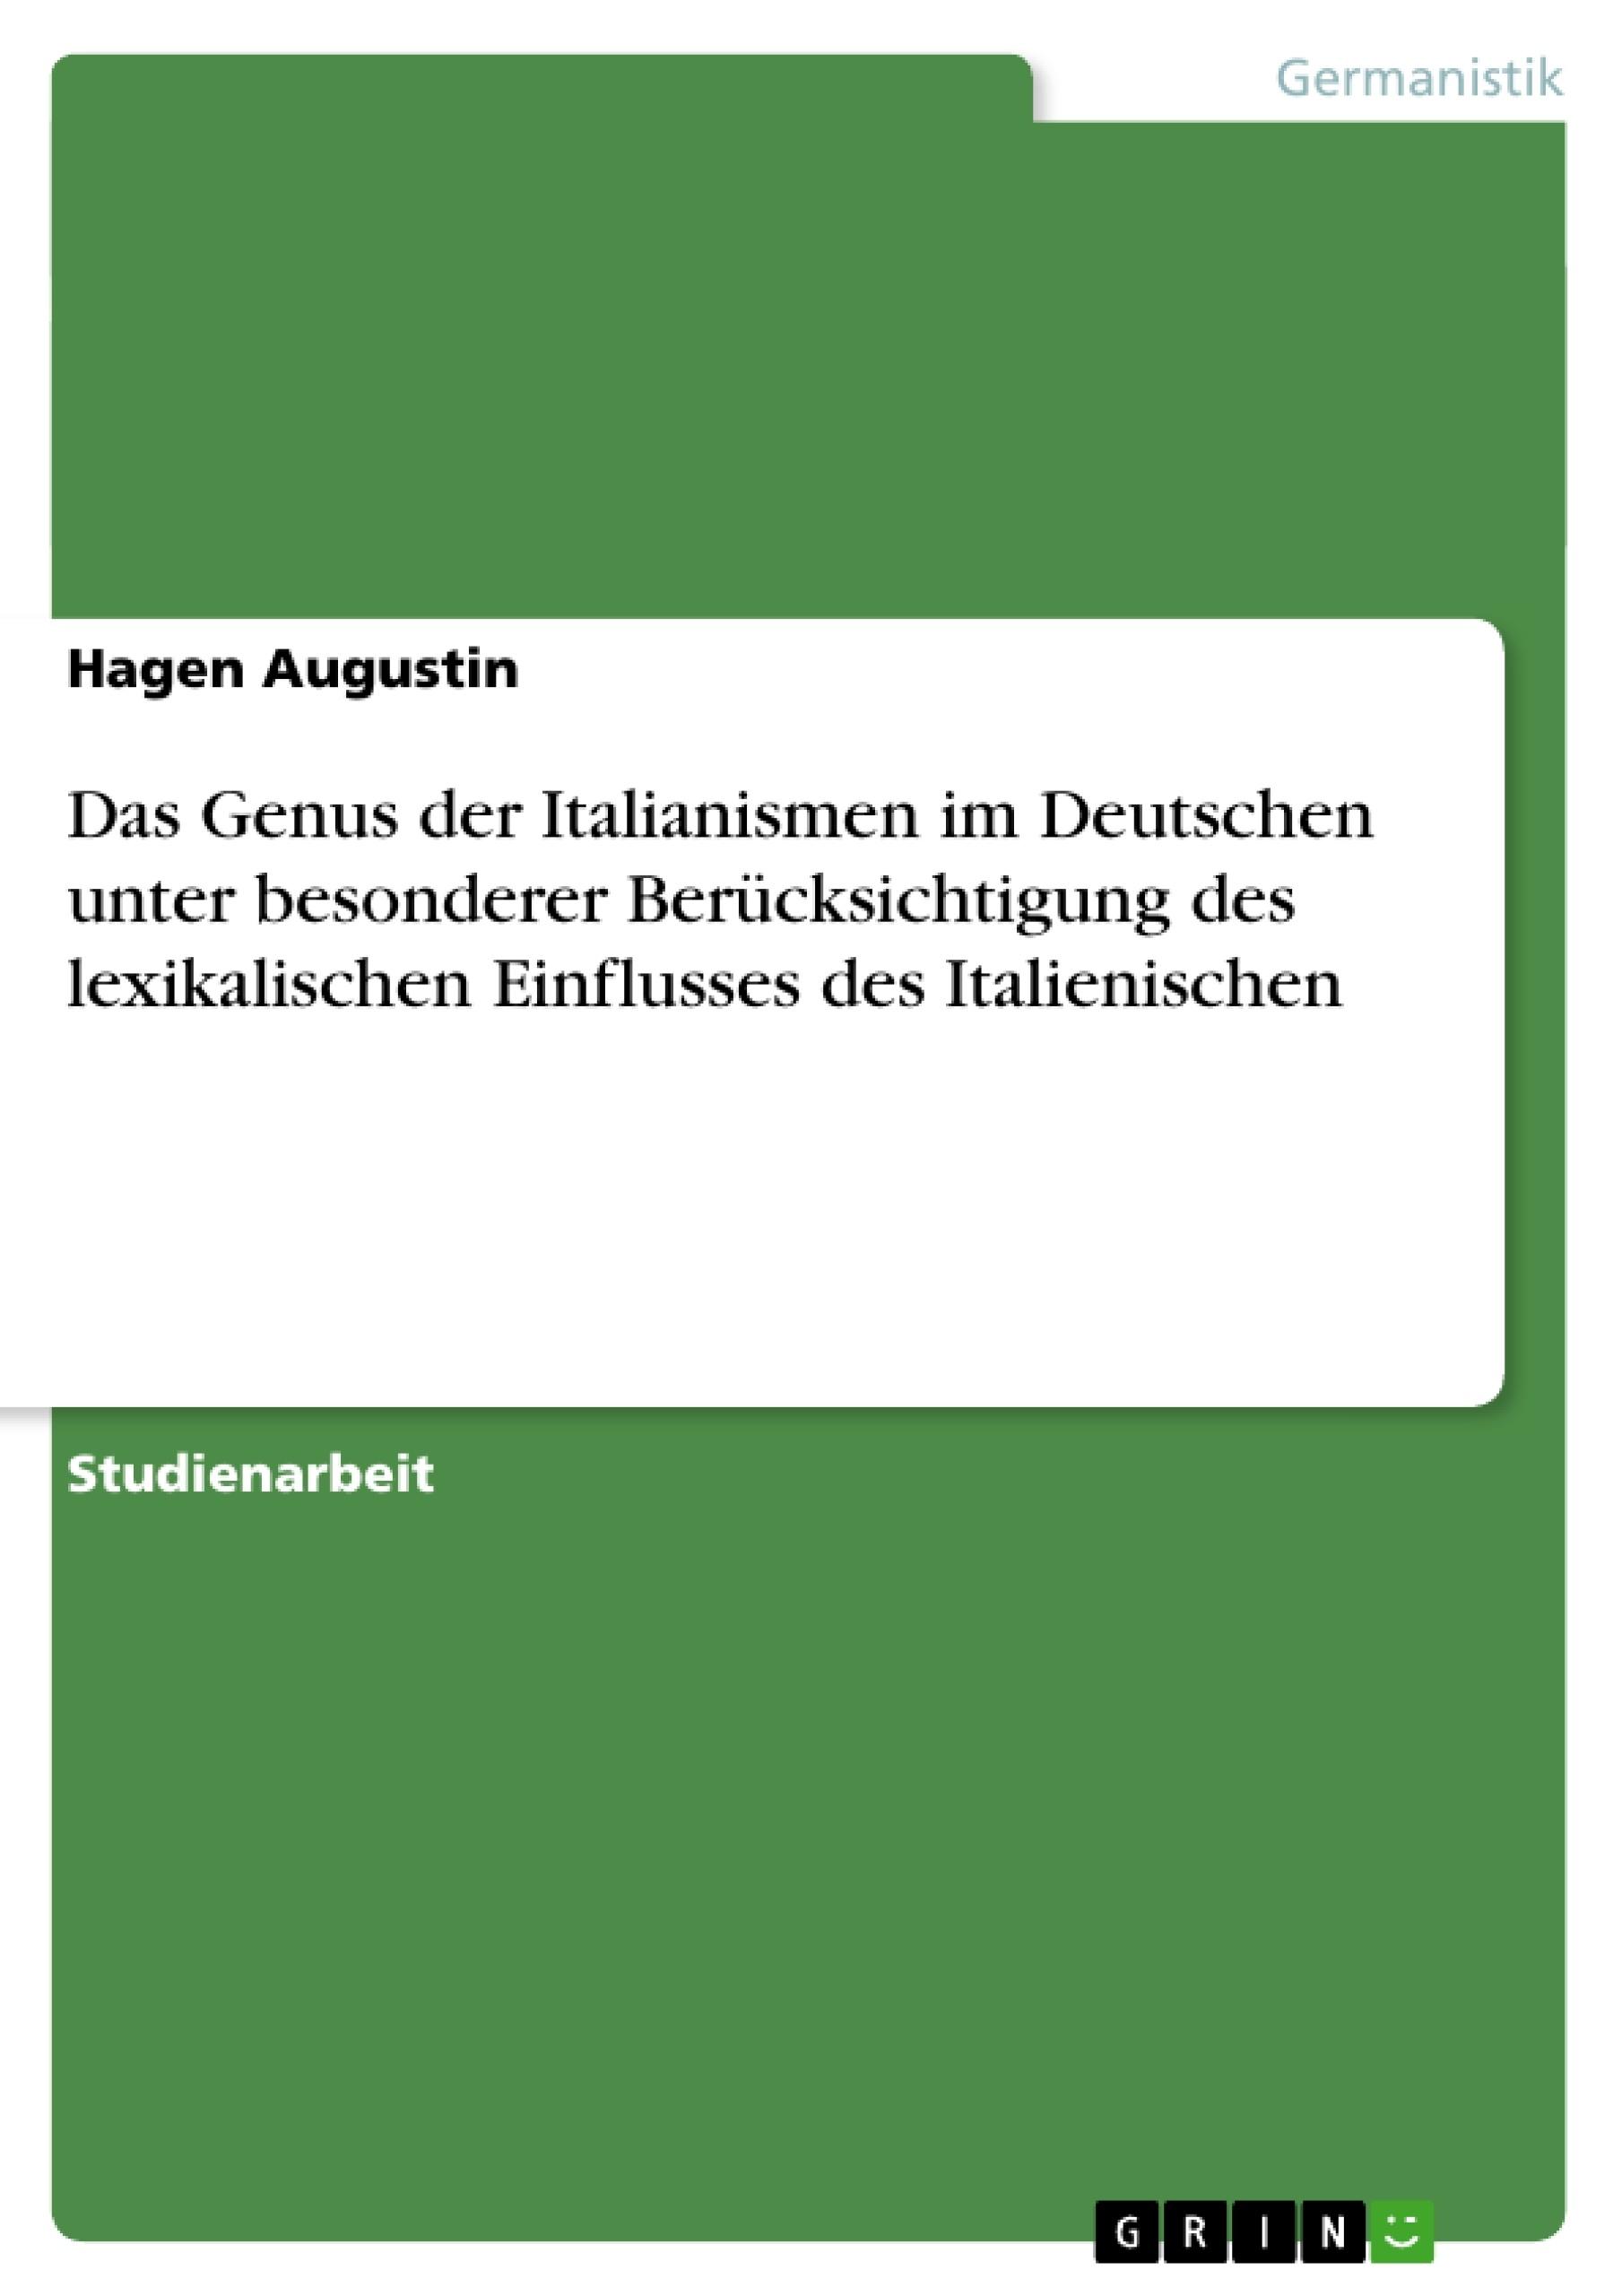 Titel: Das Genus der Italianismen im Deutschen unter besonderer Berücksichtigung des lexikalischen Einflusses des Italienischen